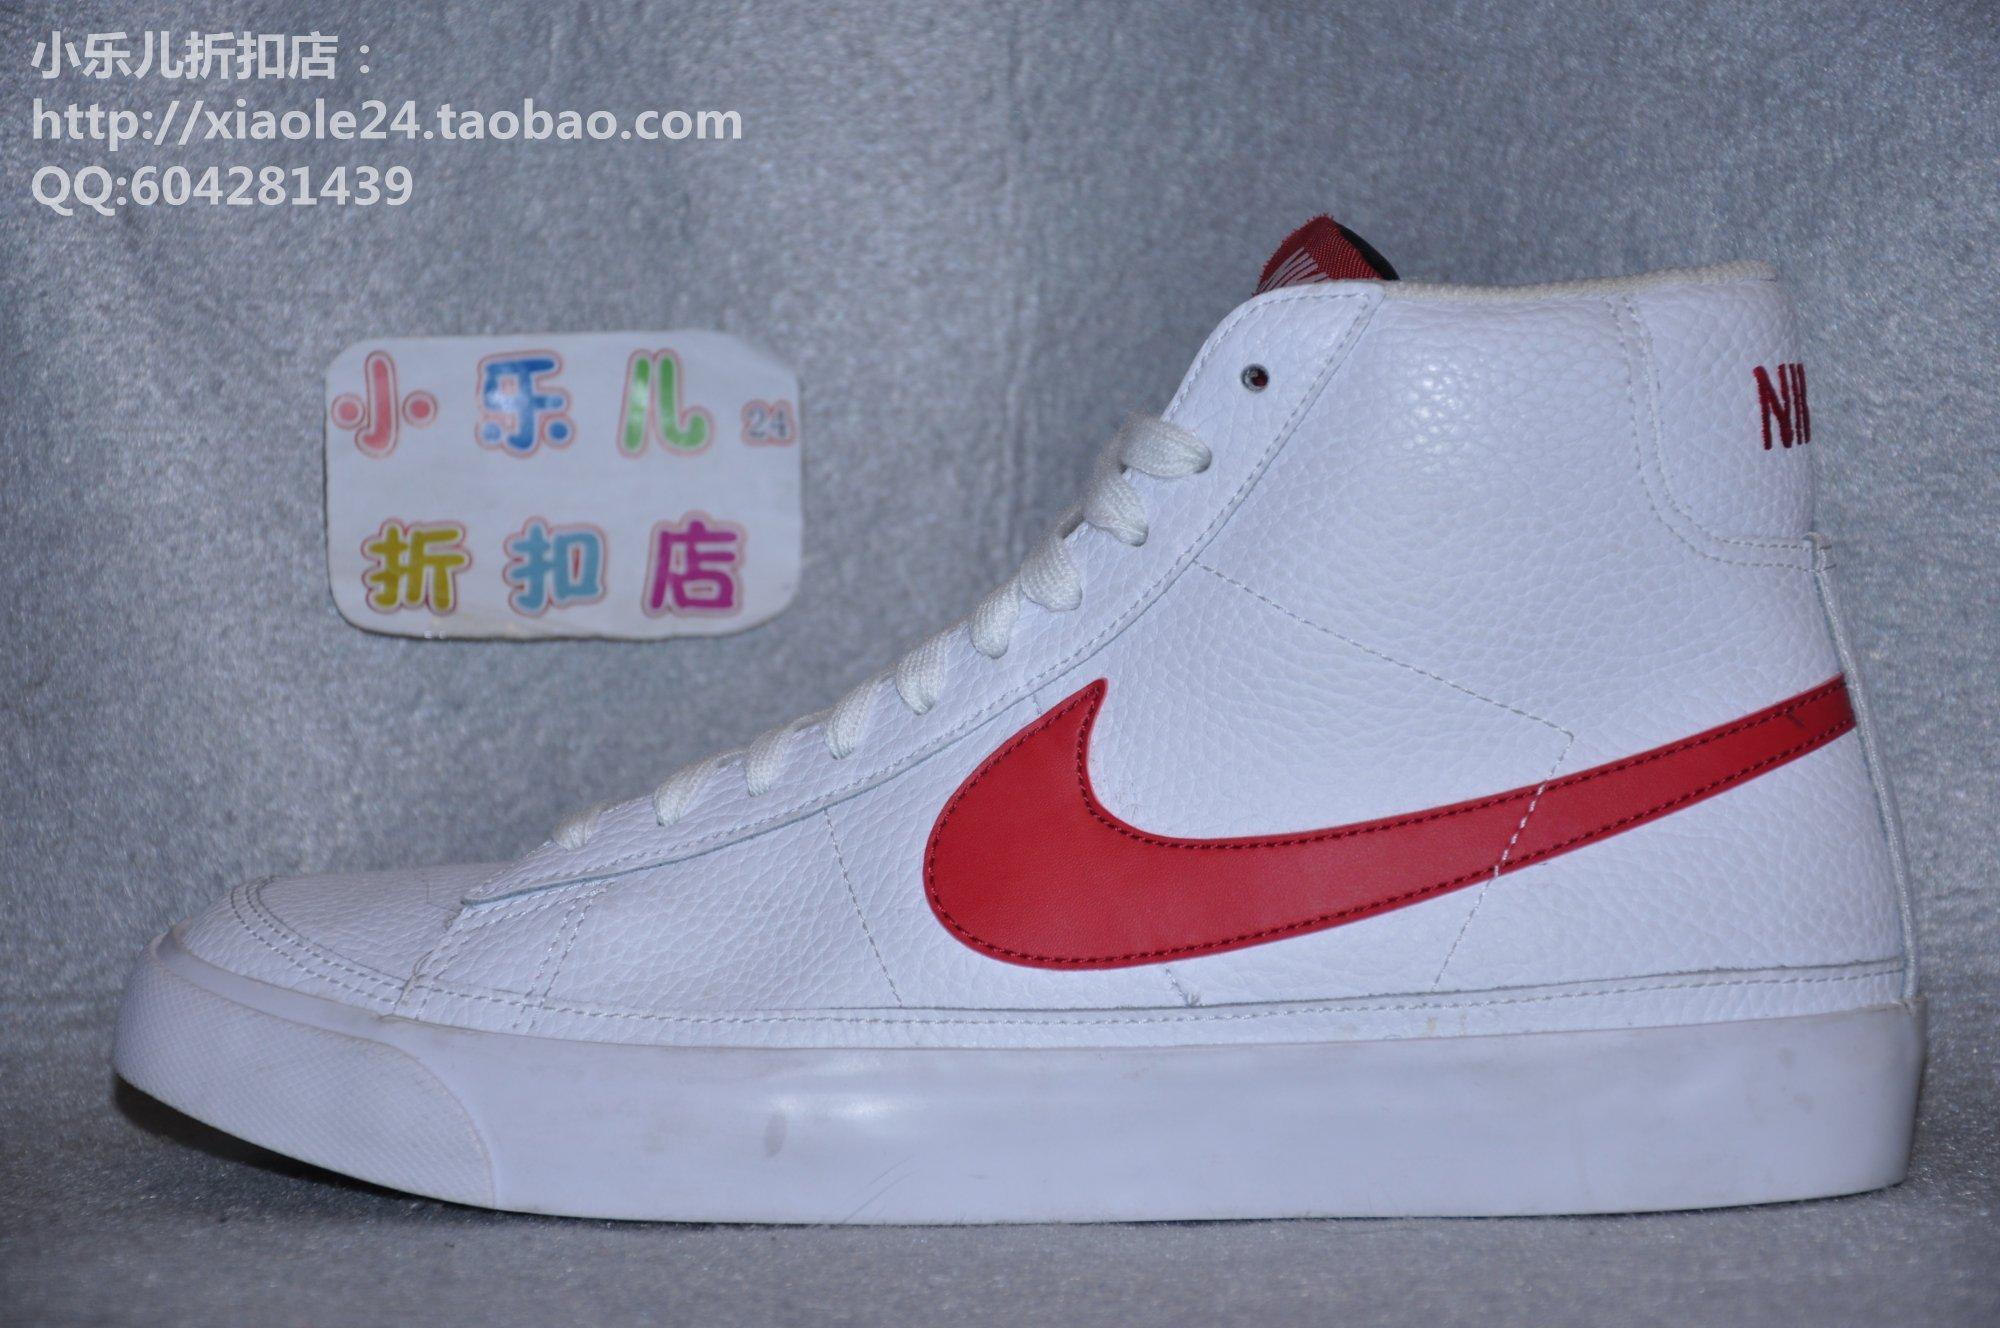 Santillana Nike Top Blazer Alto Del Zapatos Historia Los De x8Awgg